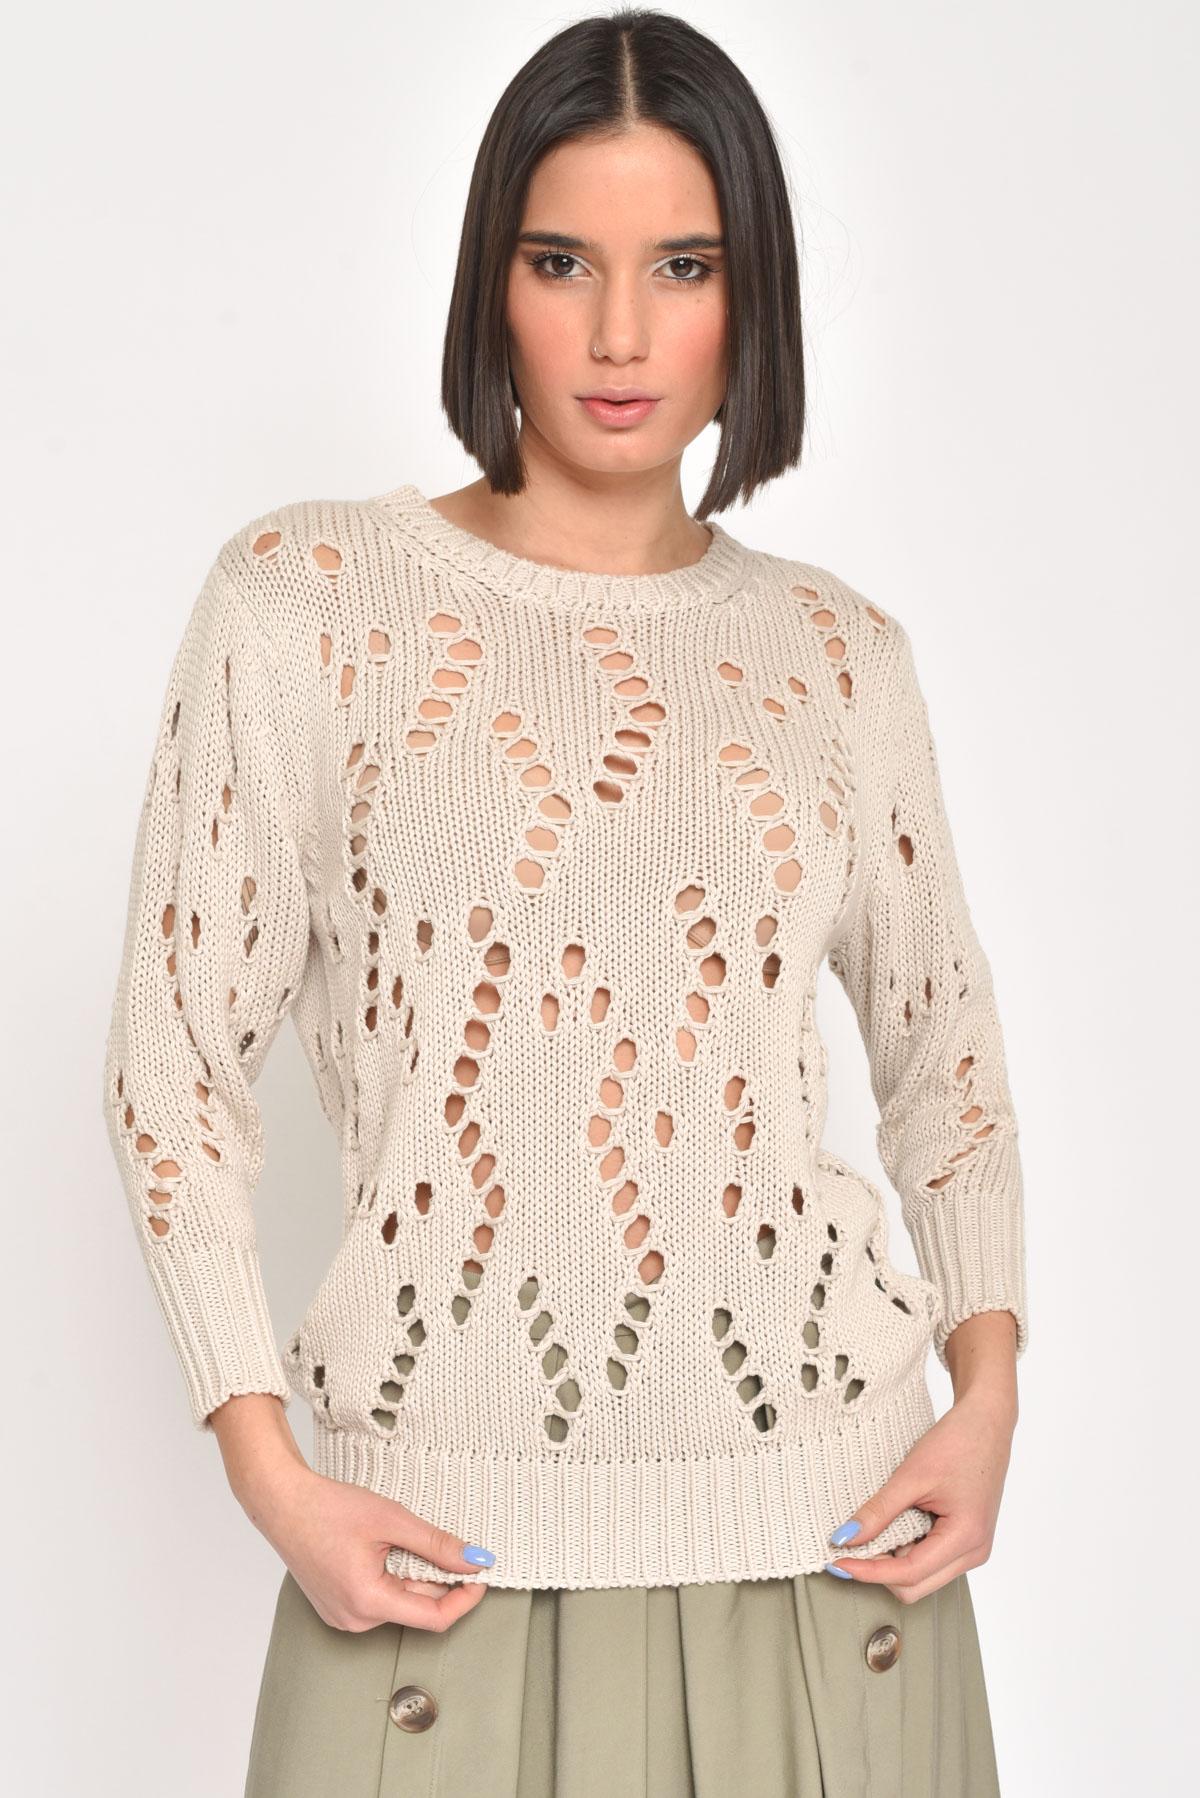 MAGLIA 100% COTONE TRAFORATA  da donna - SABBIA - Paquito Pronto Moda Shop Online